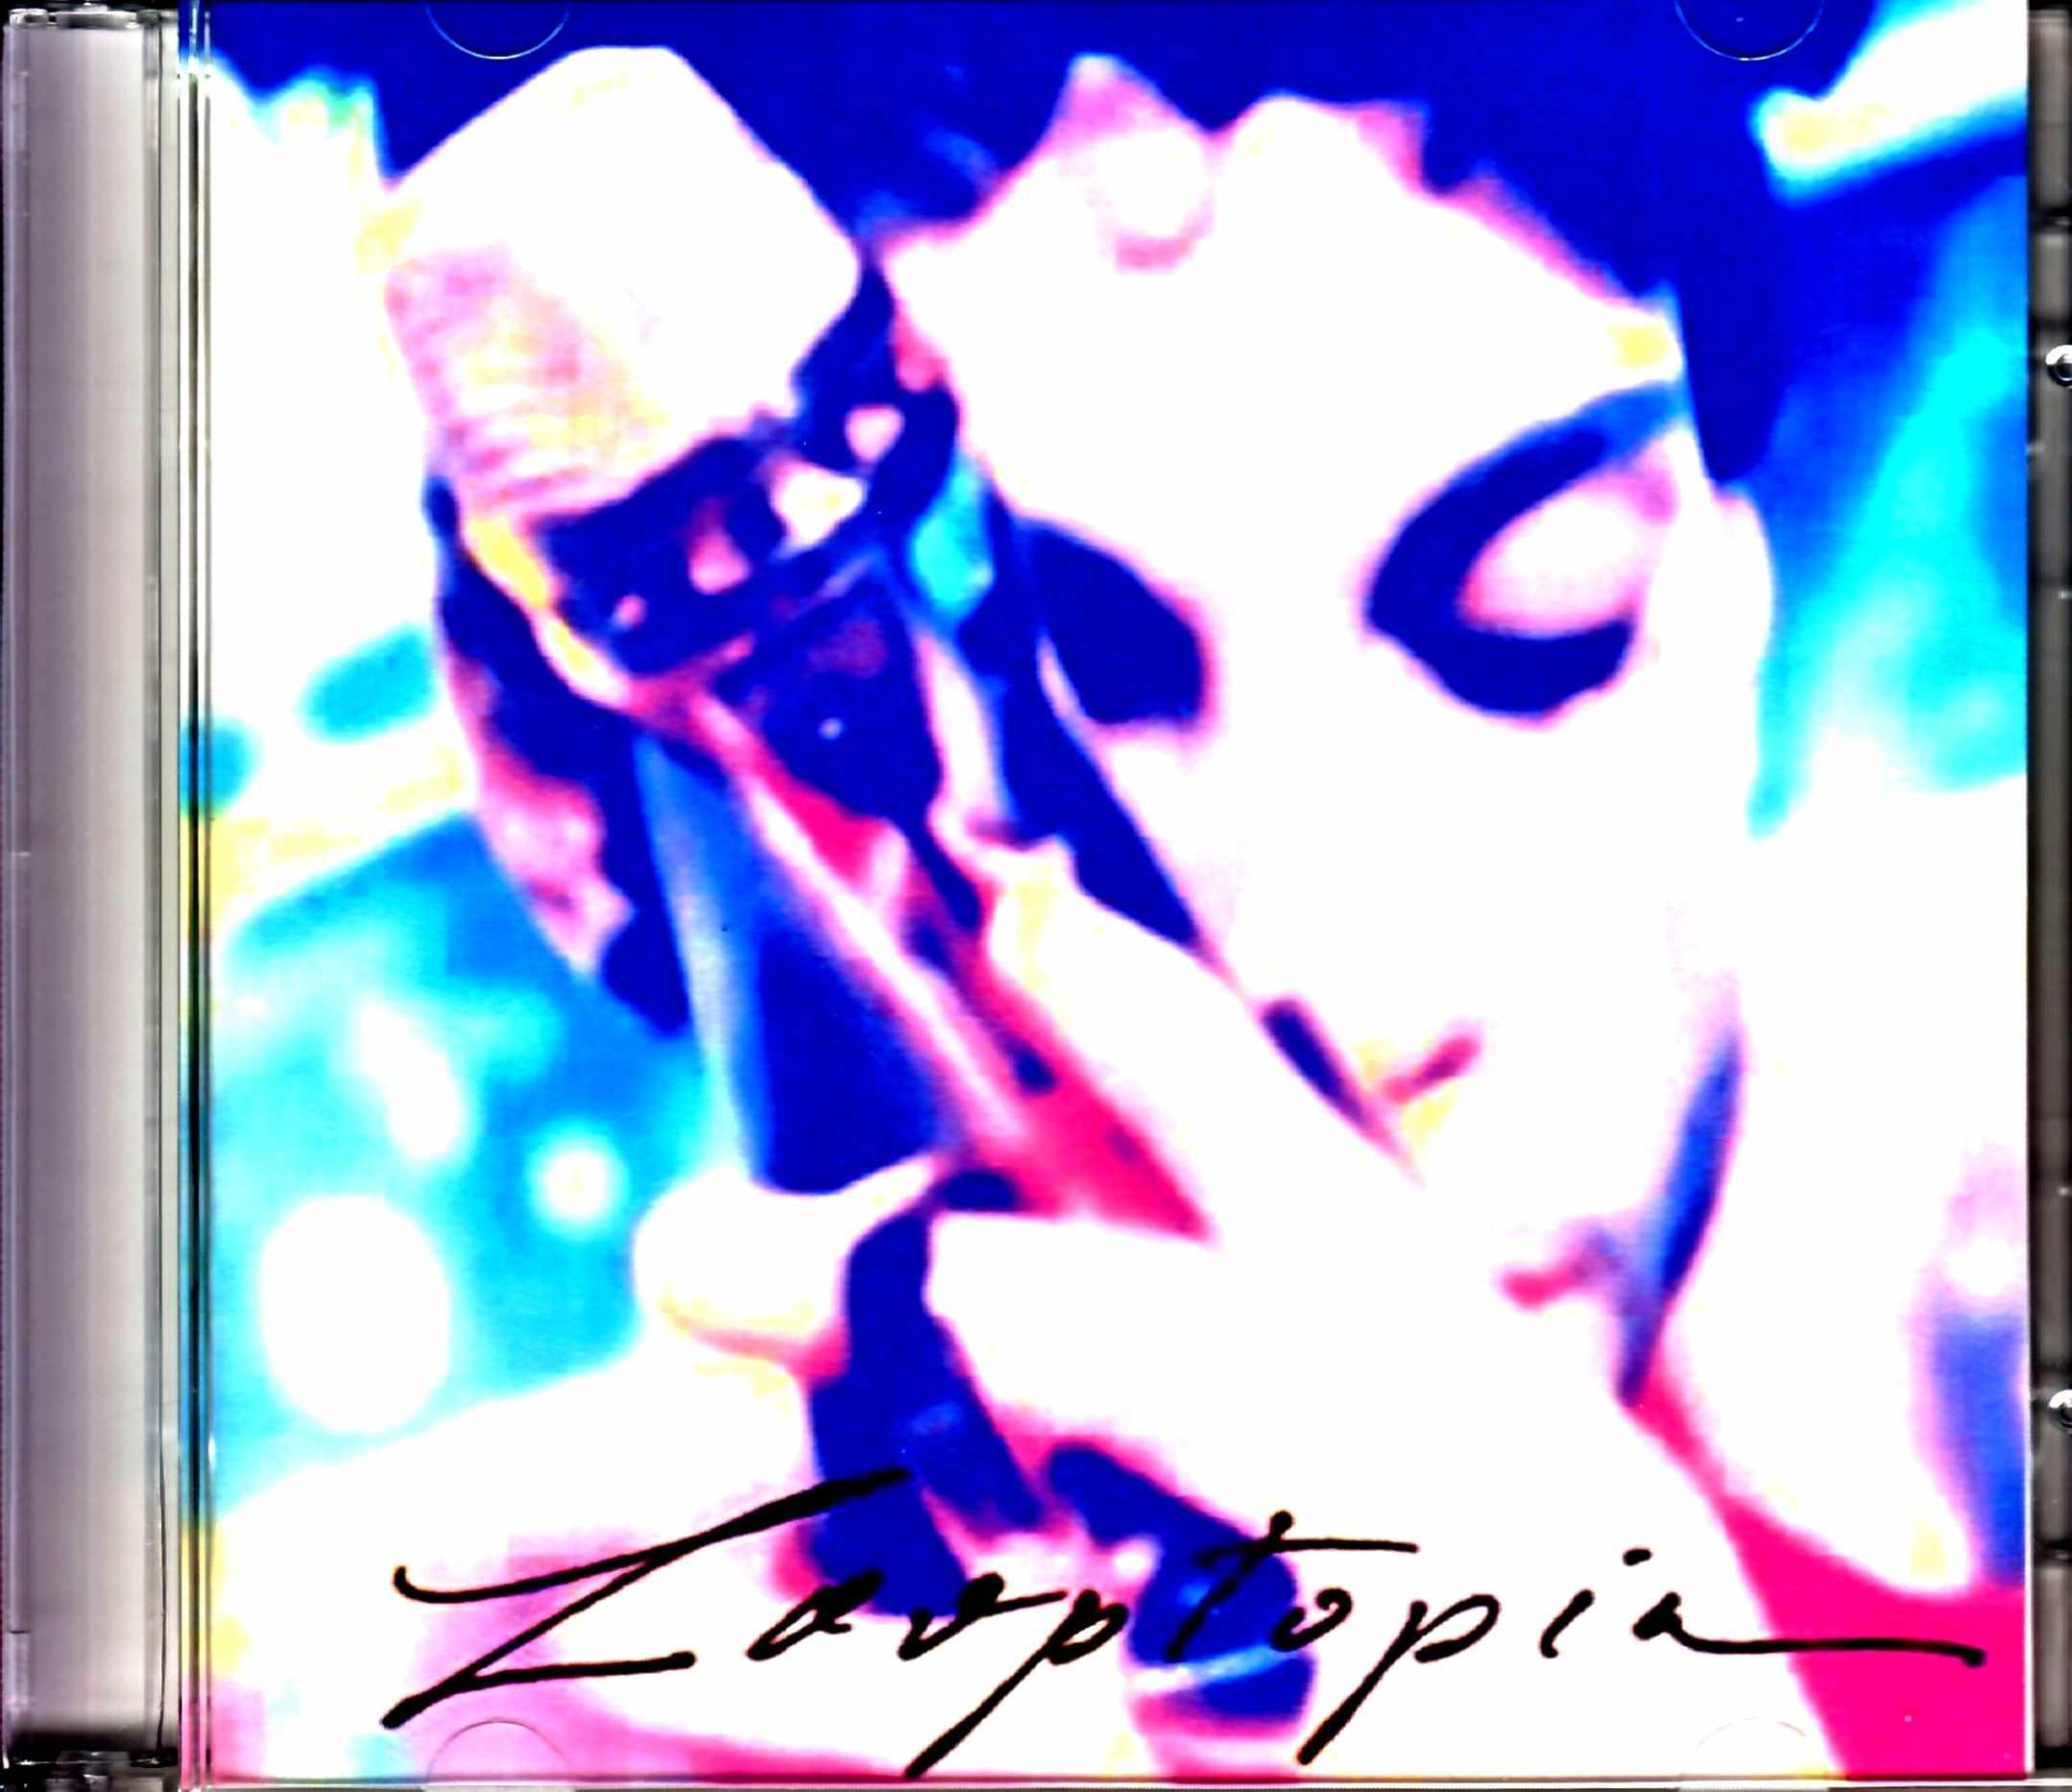 Prince プリンス/Looptopia DJ Remix & more